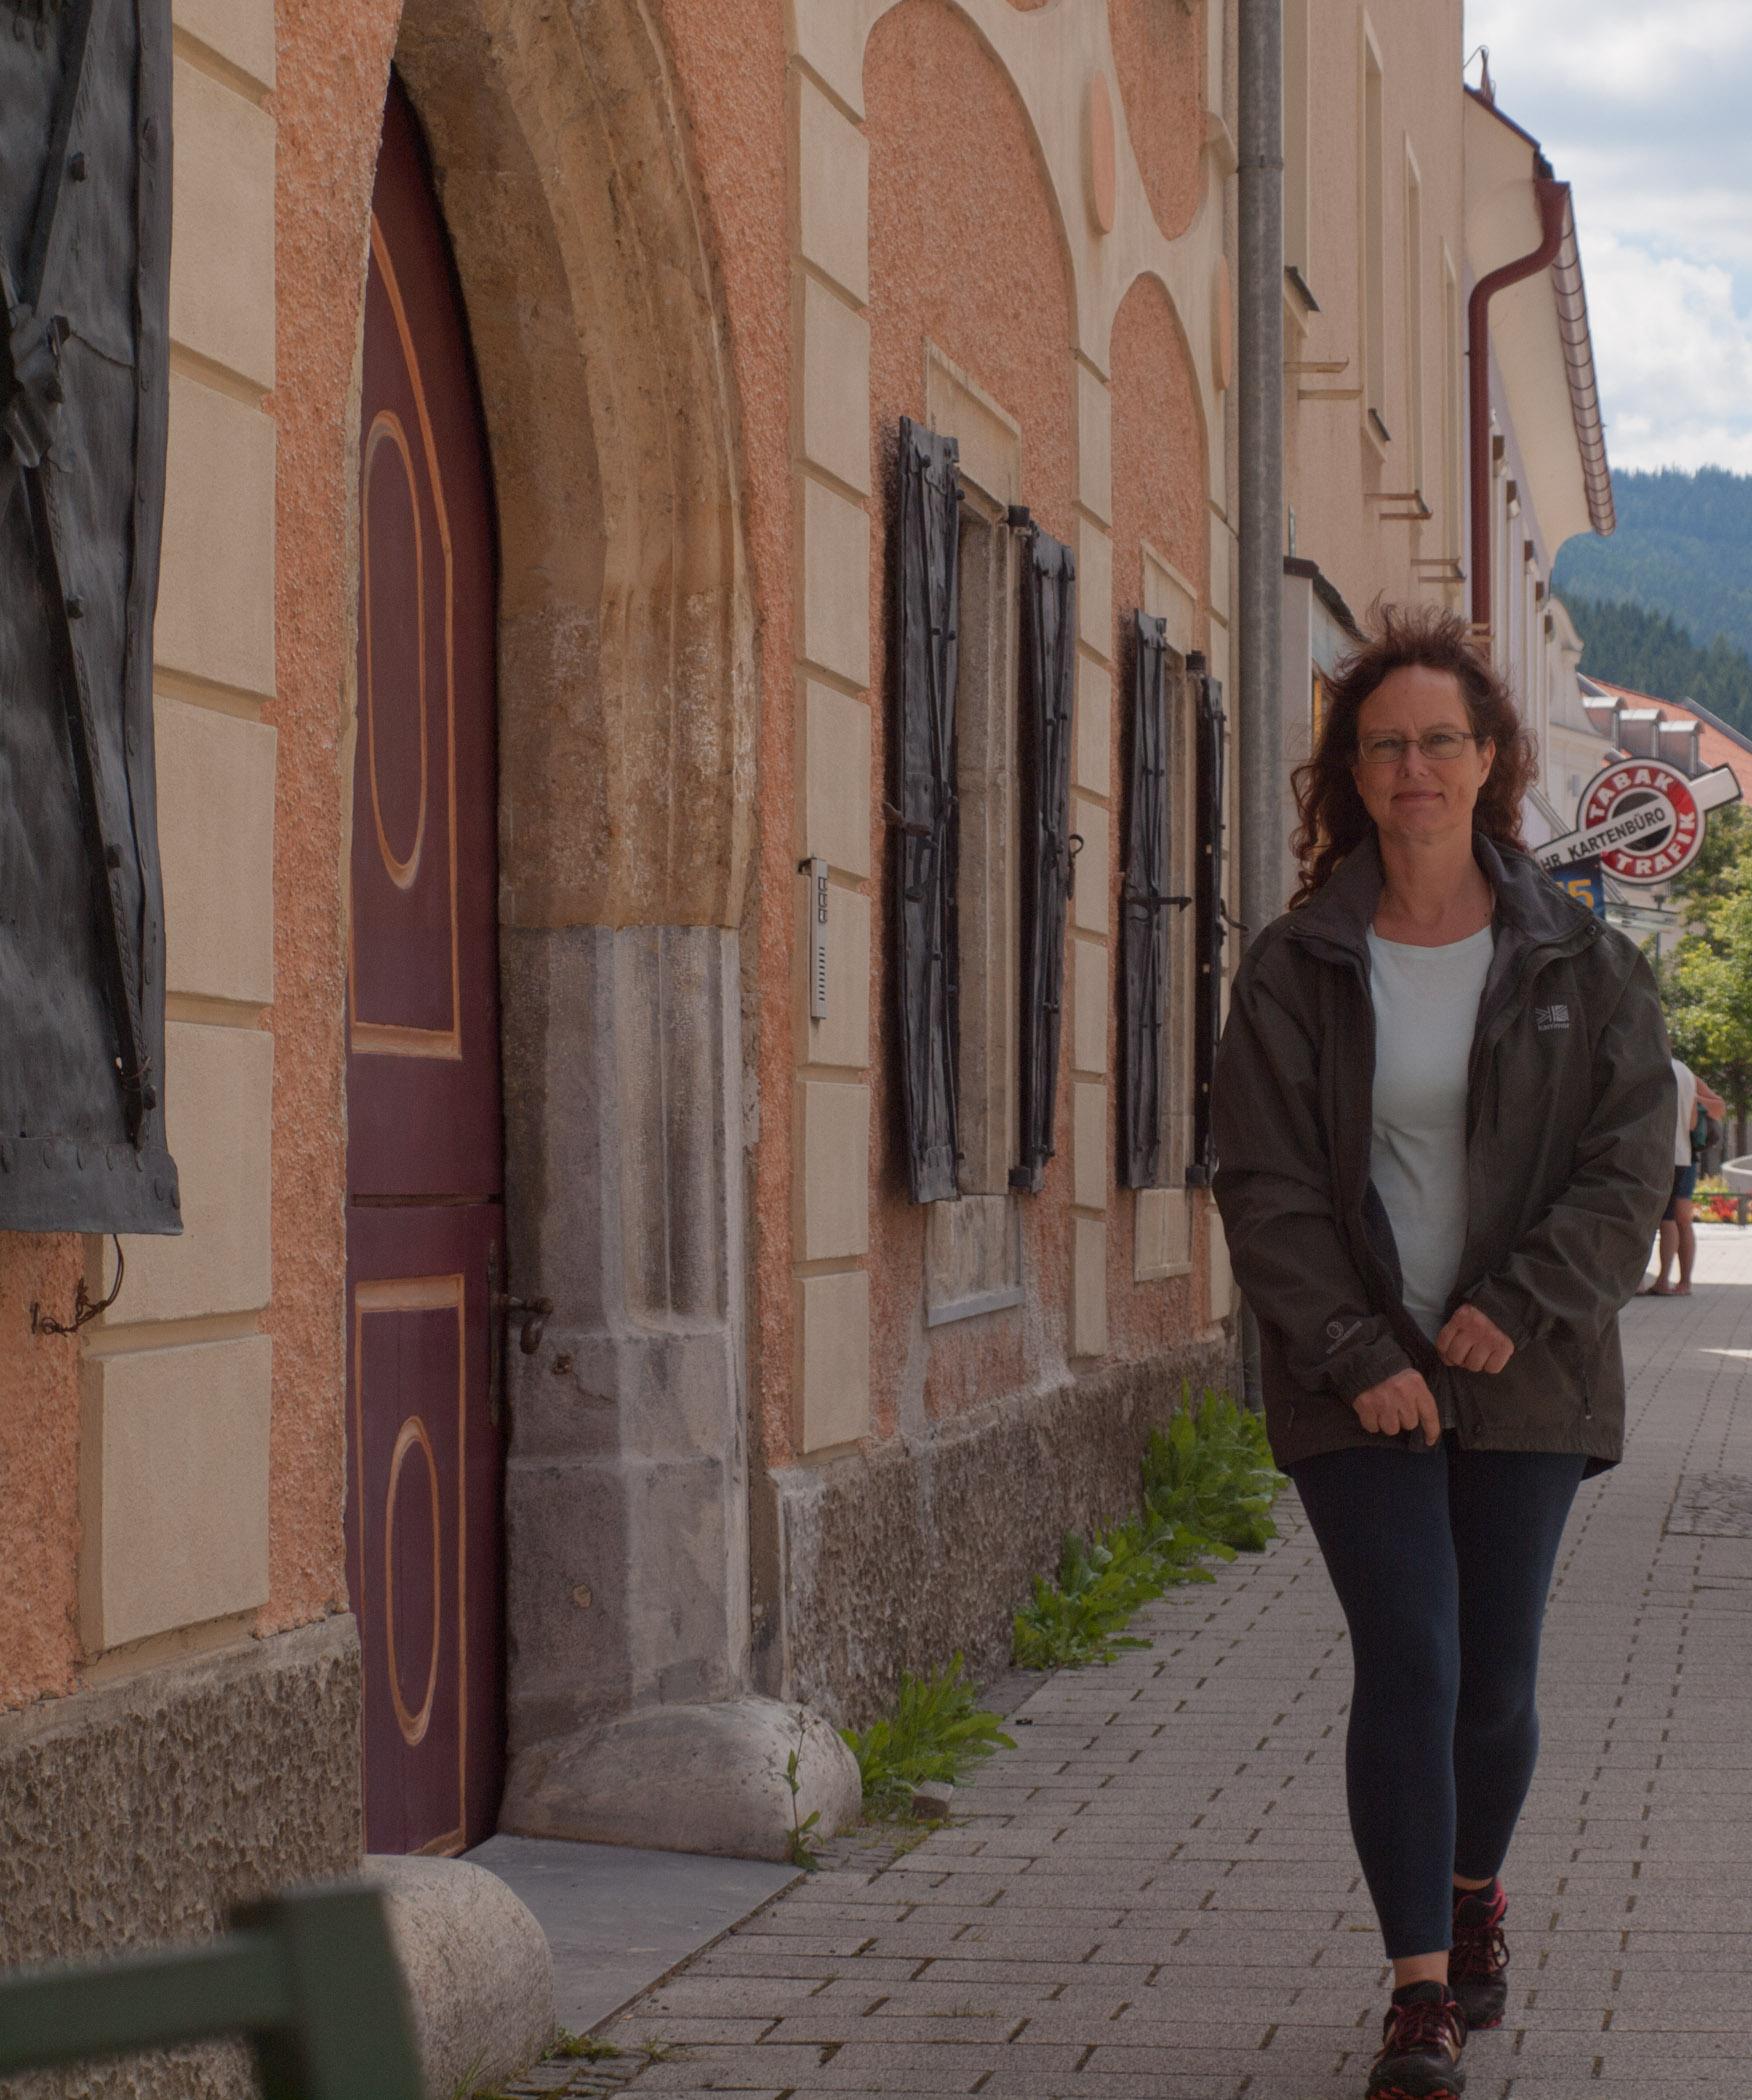 Walk through quaint Styrian Town